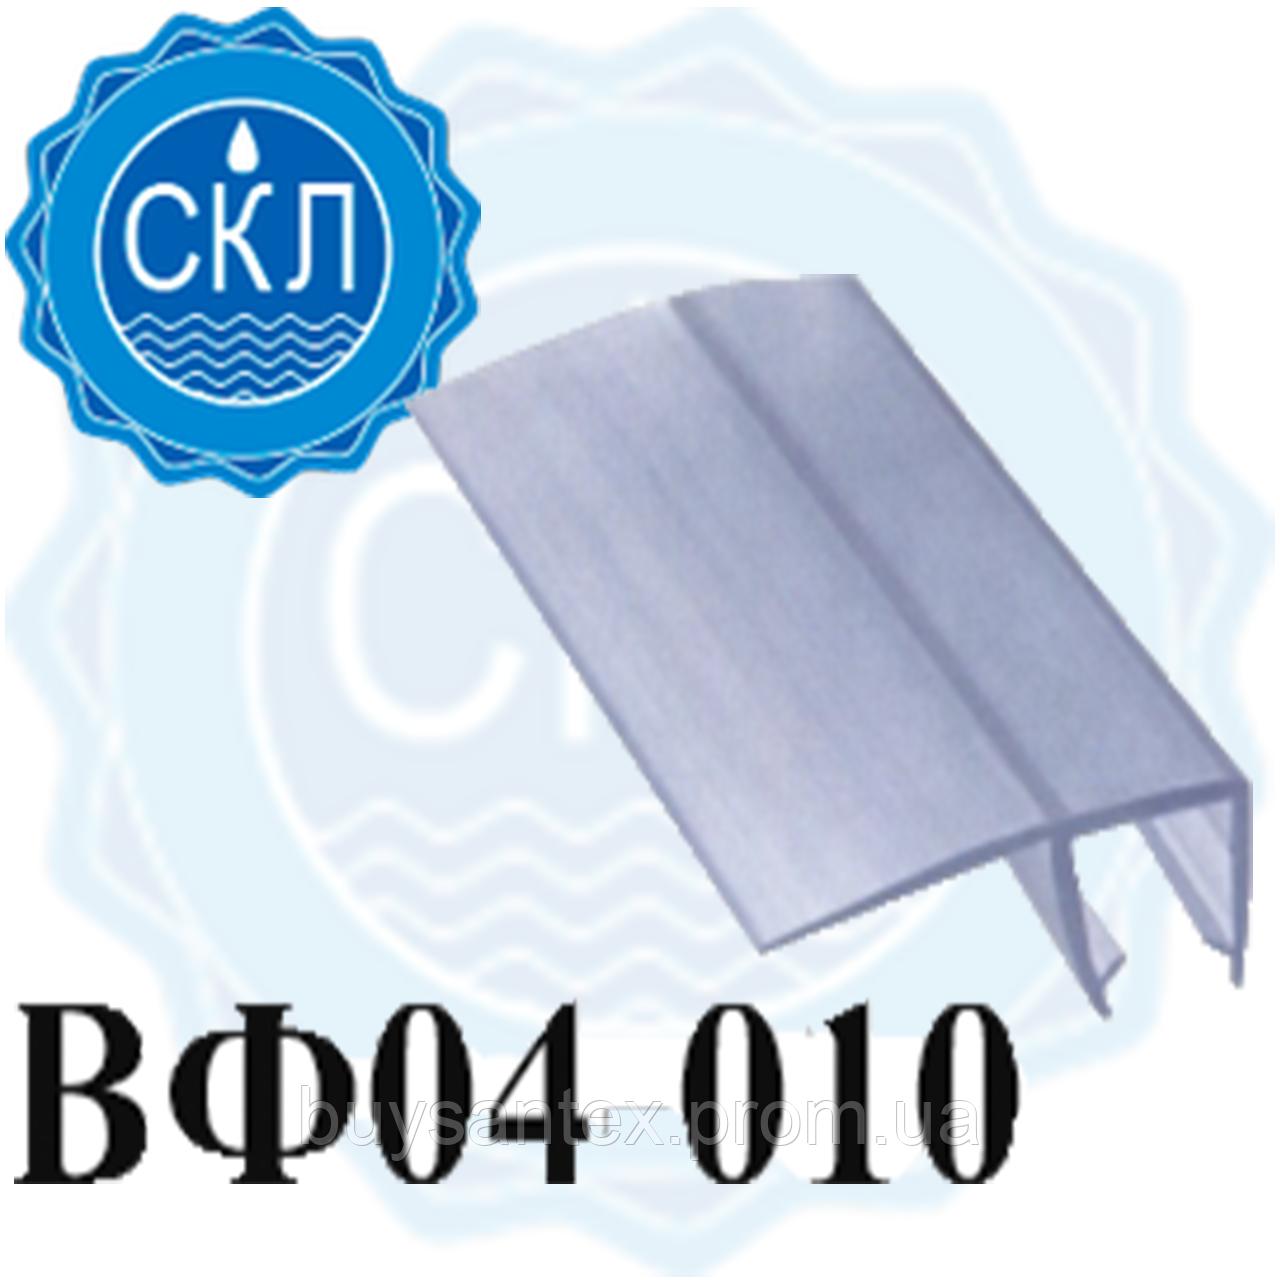 Брызговик для двери душевой кабины ( ВФ ) Китай, 6 мм